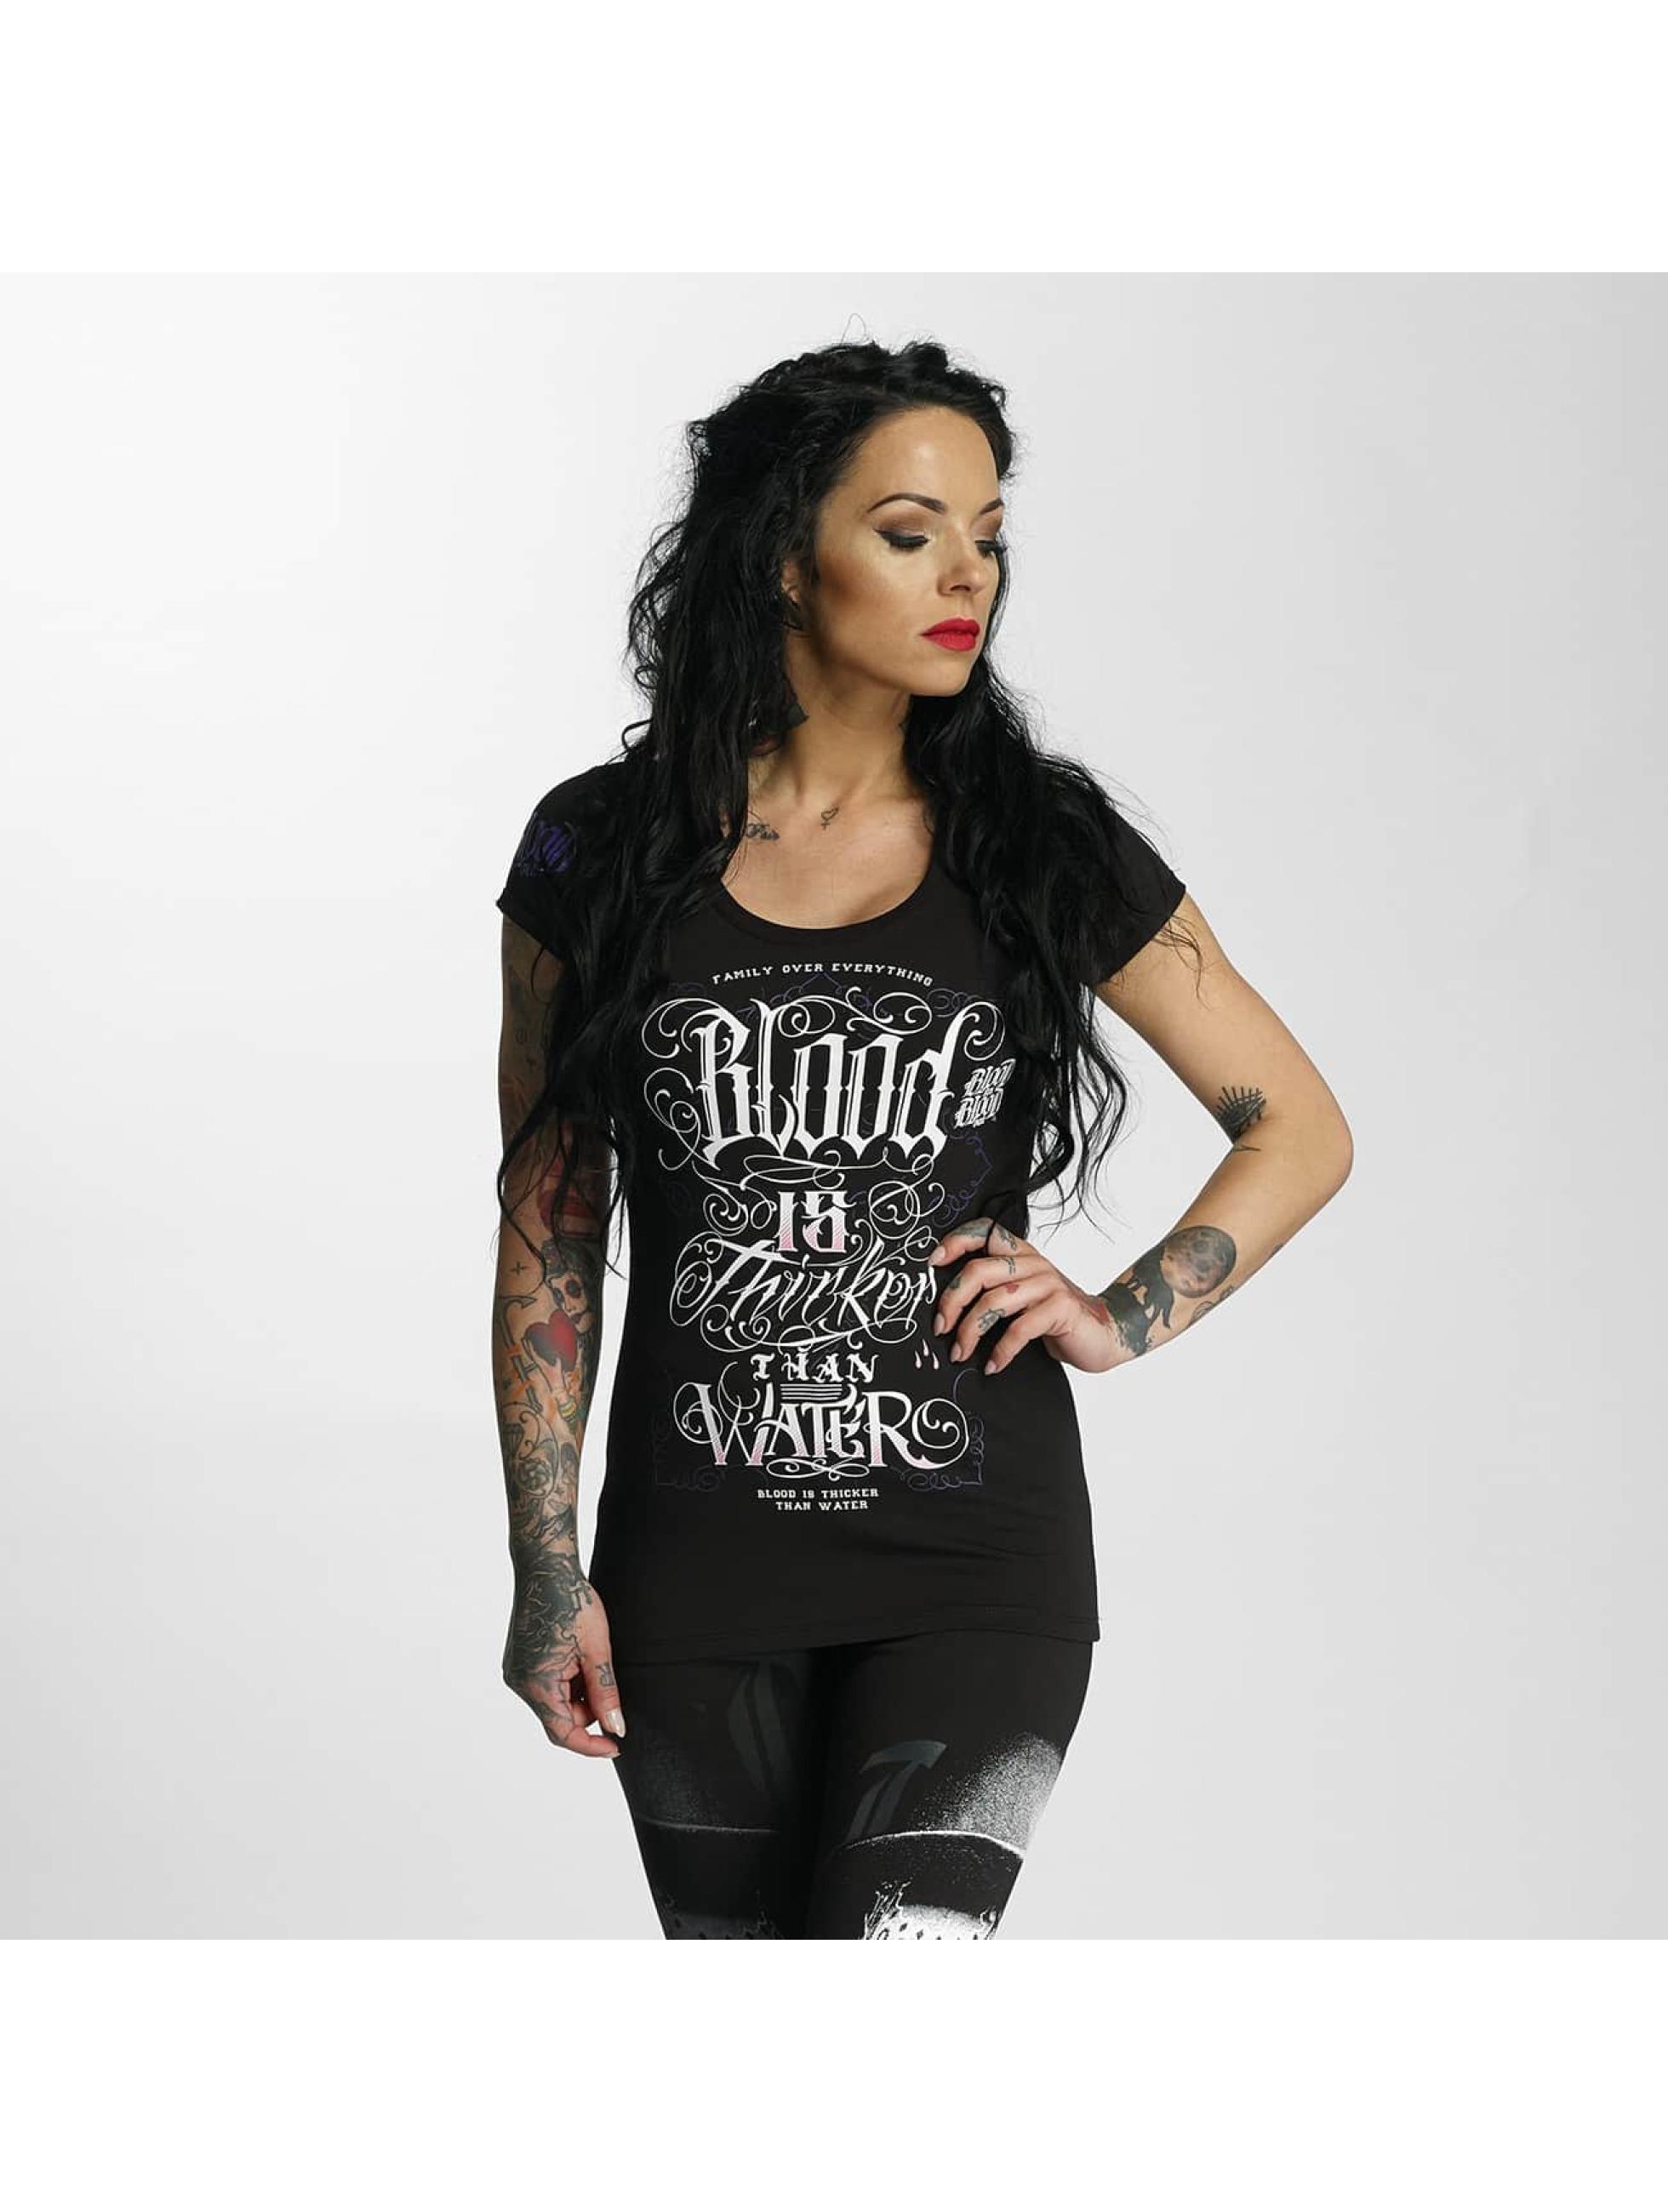 Blood In Blood Out Camiseta Sangre Gruesa negro